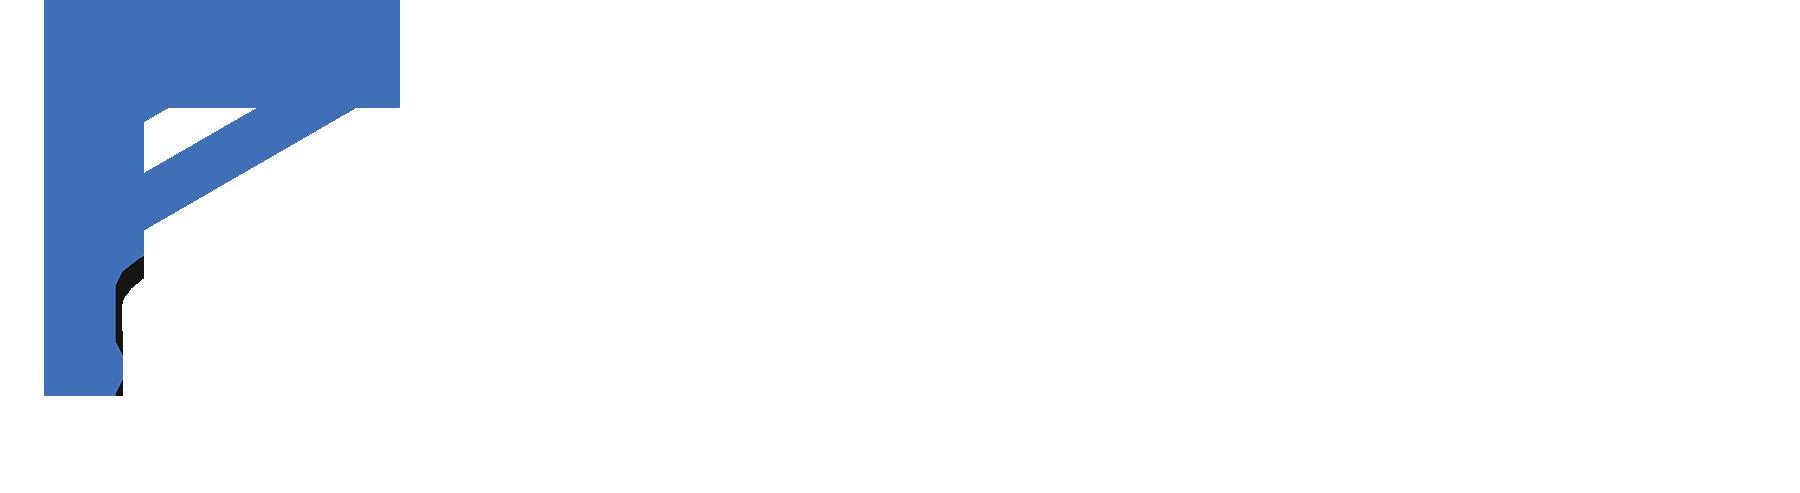 Floorzap